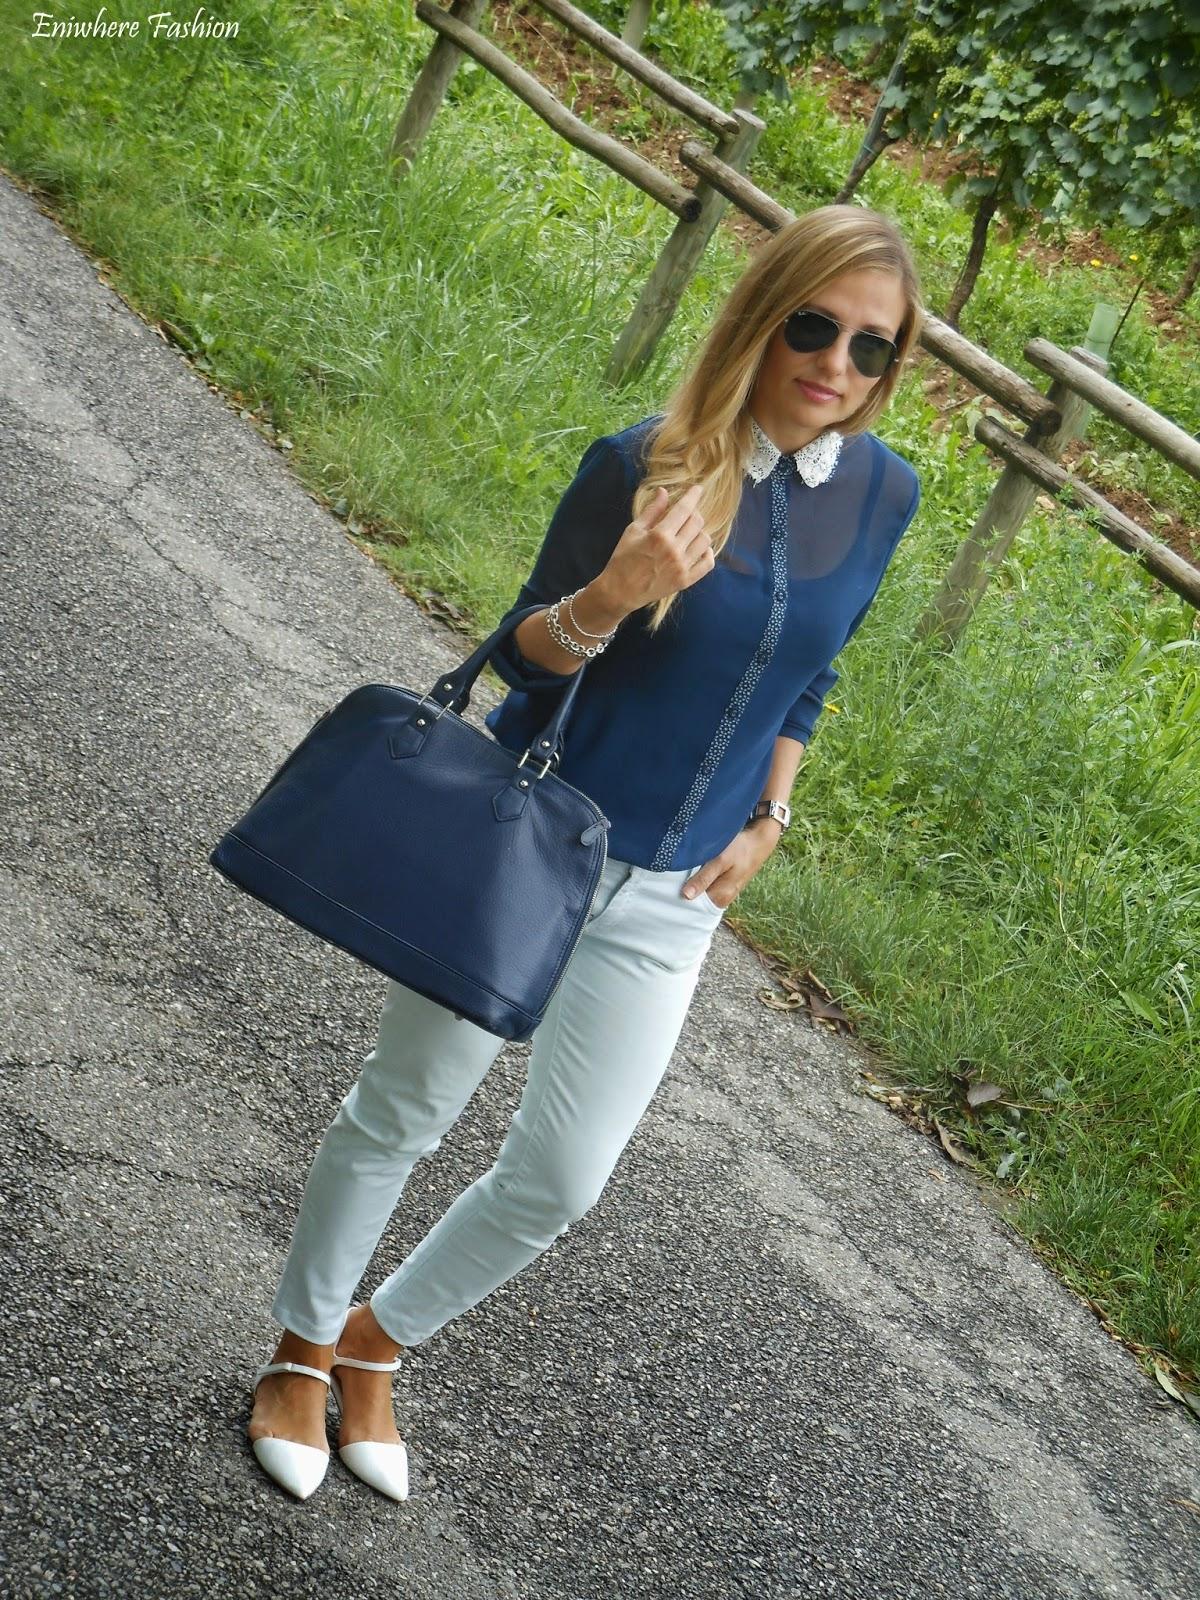 Eniwhere Fashion - Camicia blu notte - Franciacorta